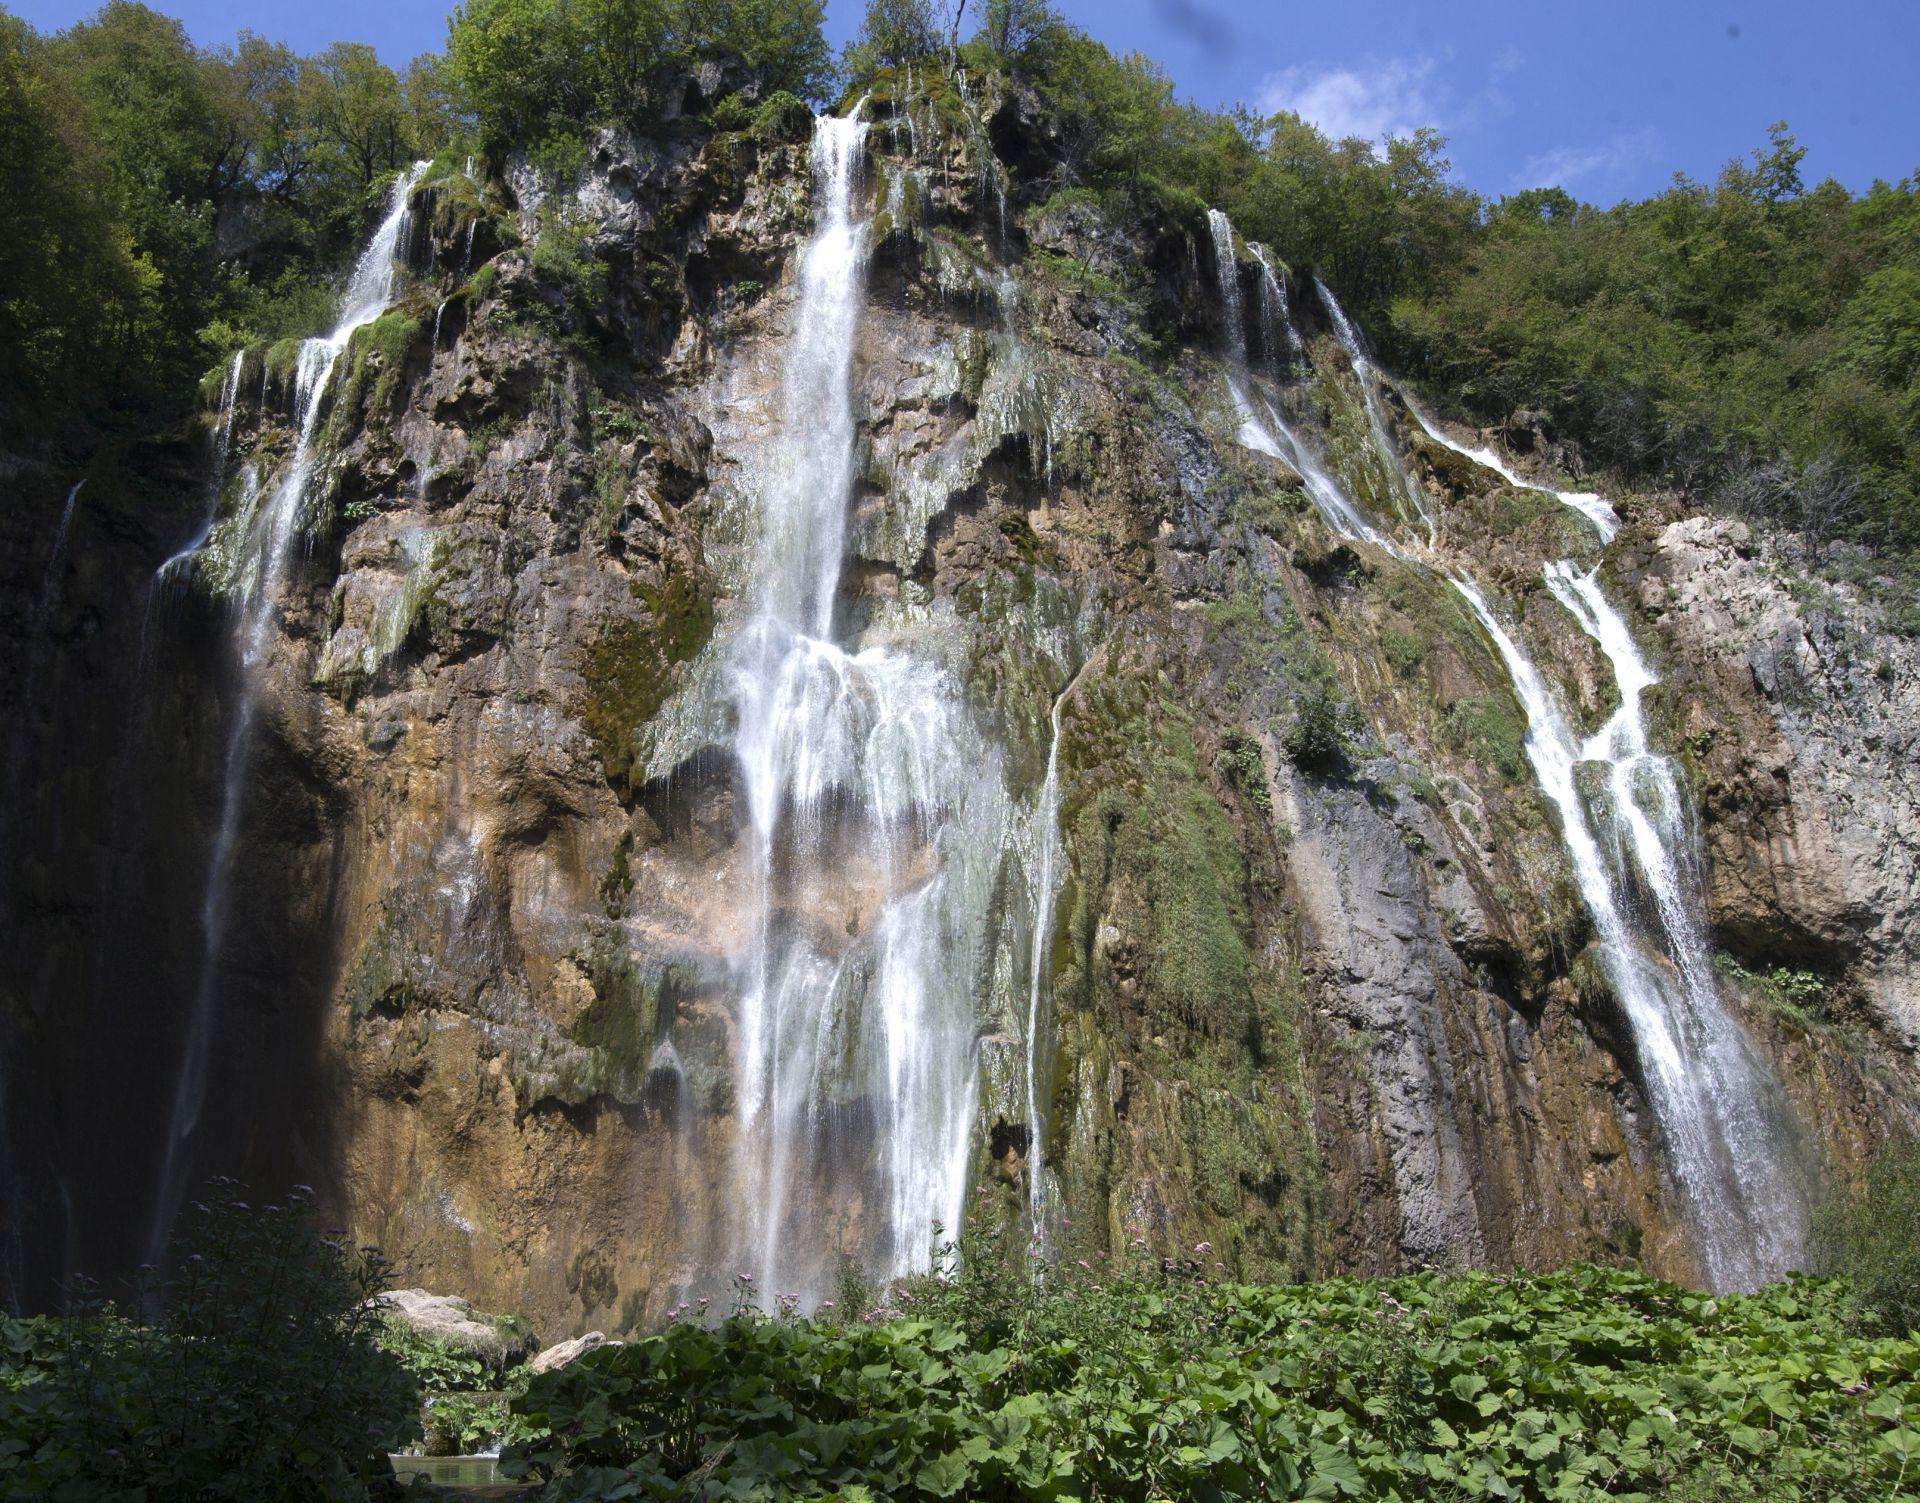 SVJETSKI DAN VODA Dobrović: 'Imamo veliku odgovornost da očuvamo naše bogatstvo pitke vode'